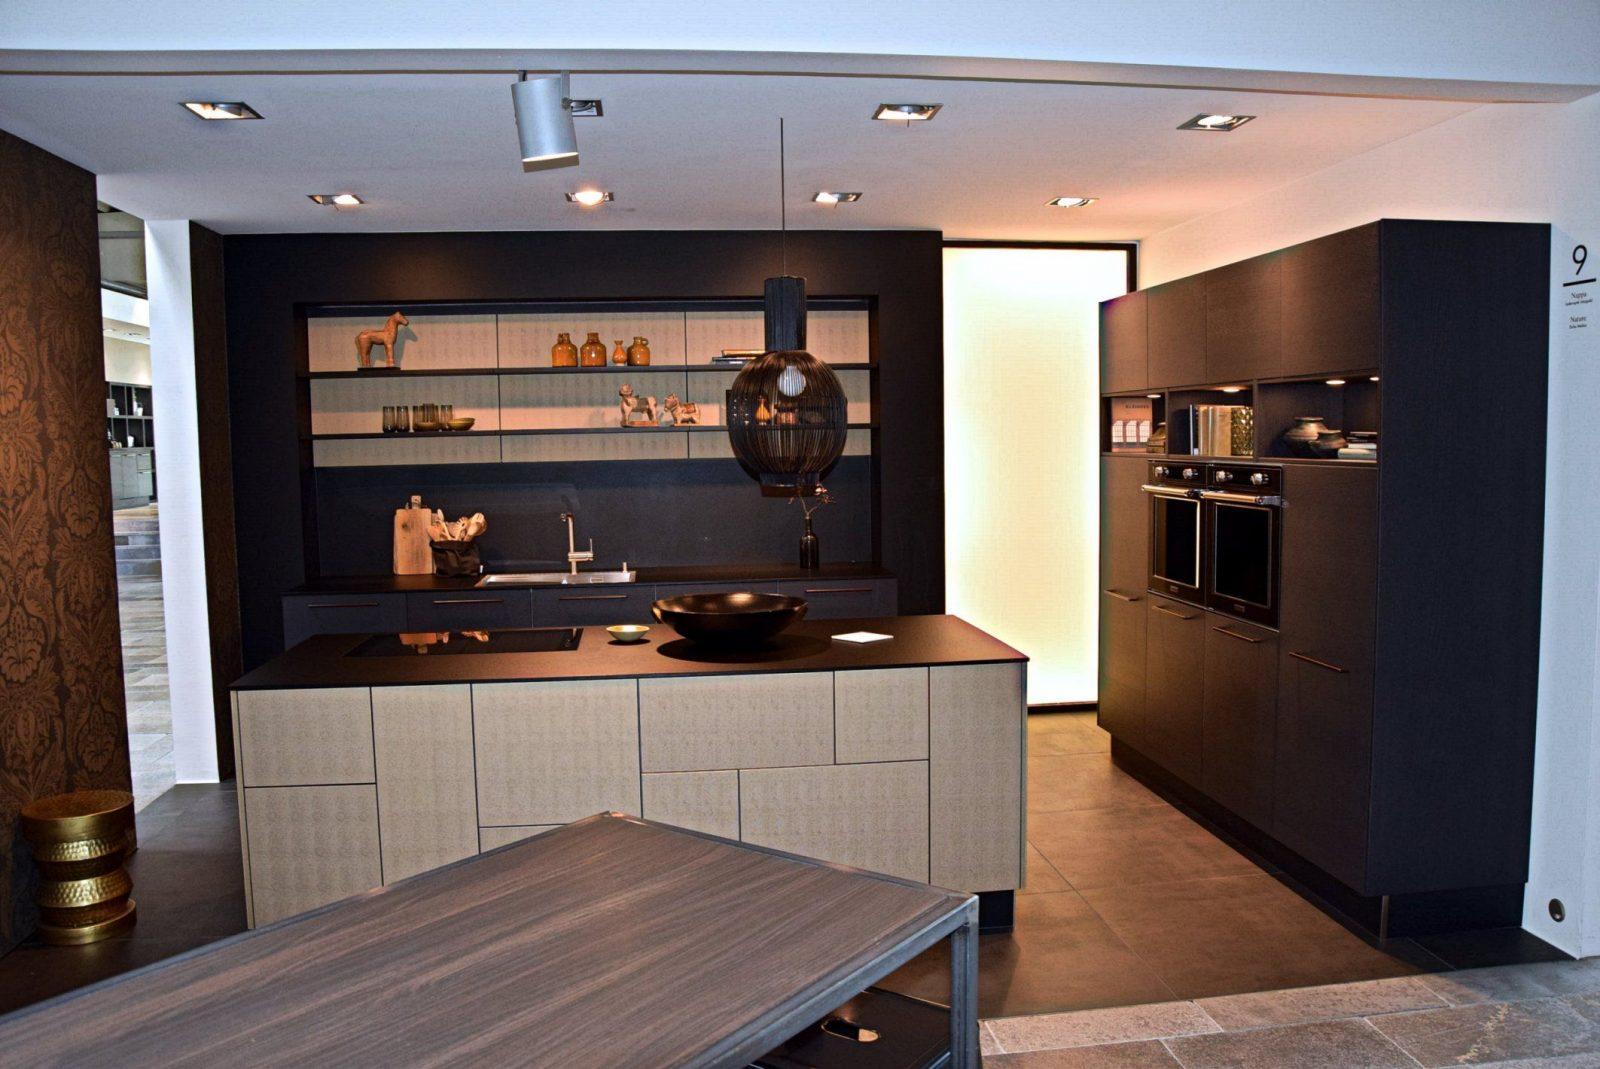 Nolte Küchen Schublade Ausbauen Nolte Kchen Schubladen Gallery Of